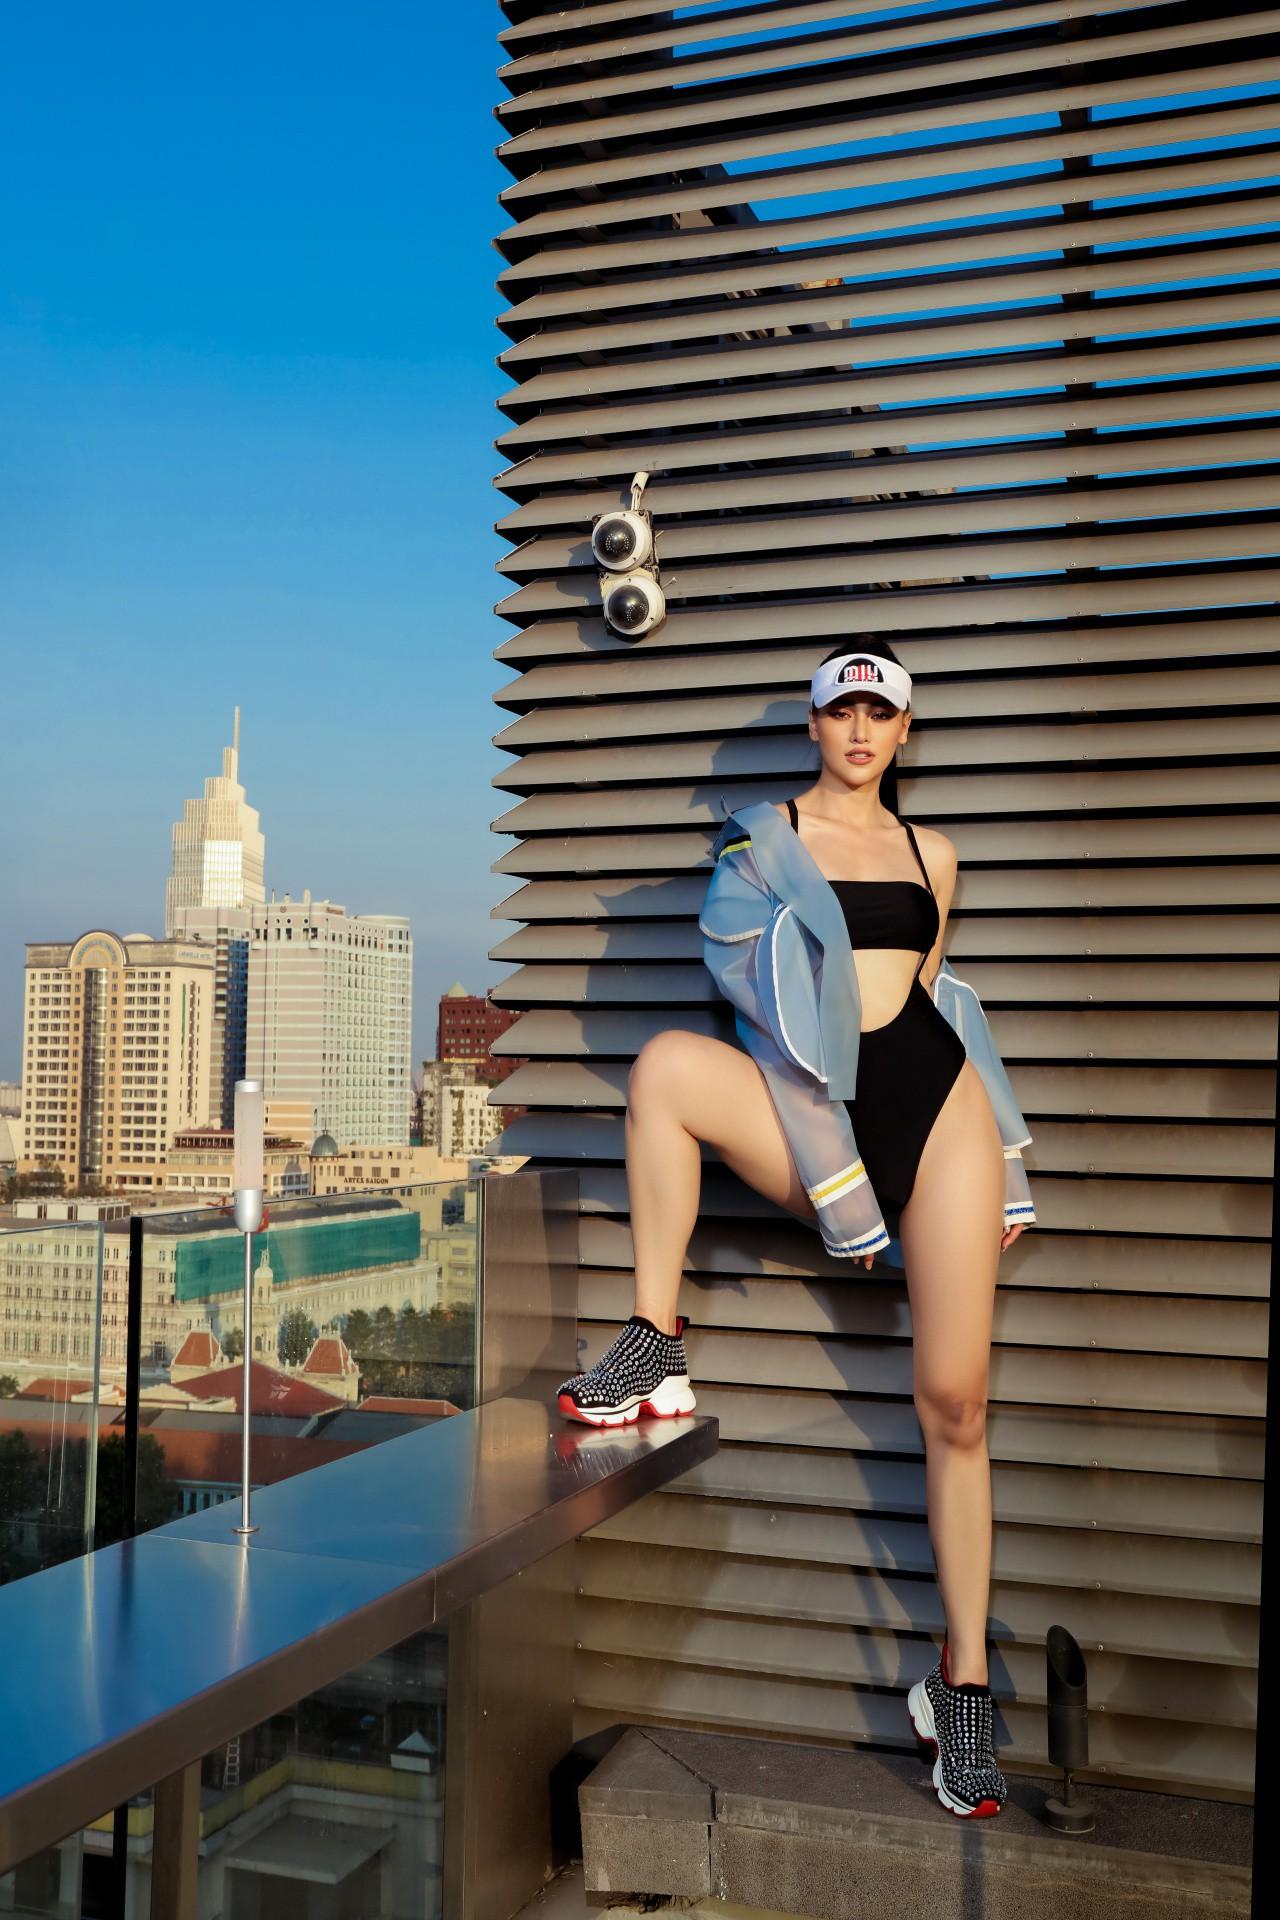 Hoa hậu Phương Khánh mặc bikini khoe body nóng bỏng, chân dài thẳng tắp trên nóc toà nhà cao tầng - Ảnh 17.